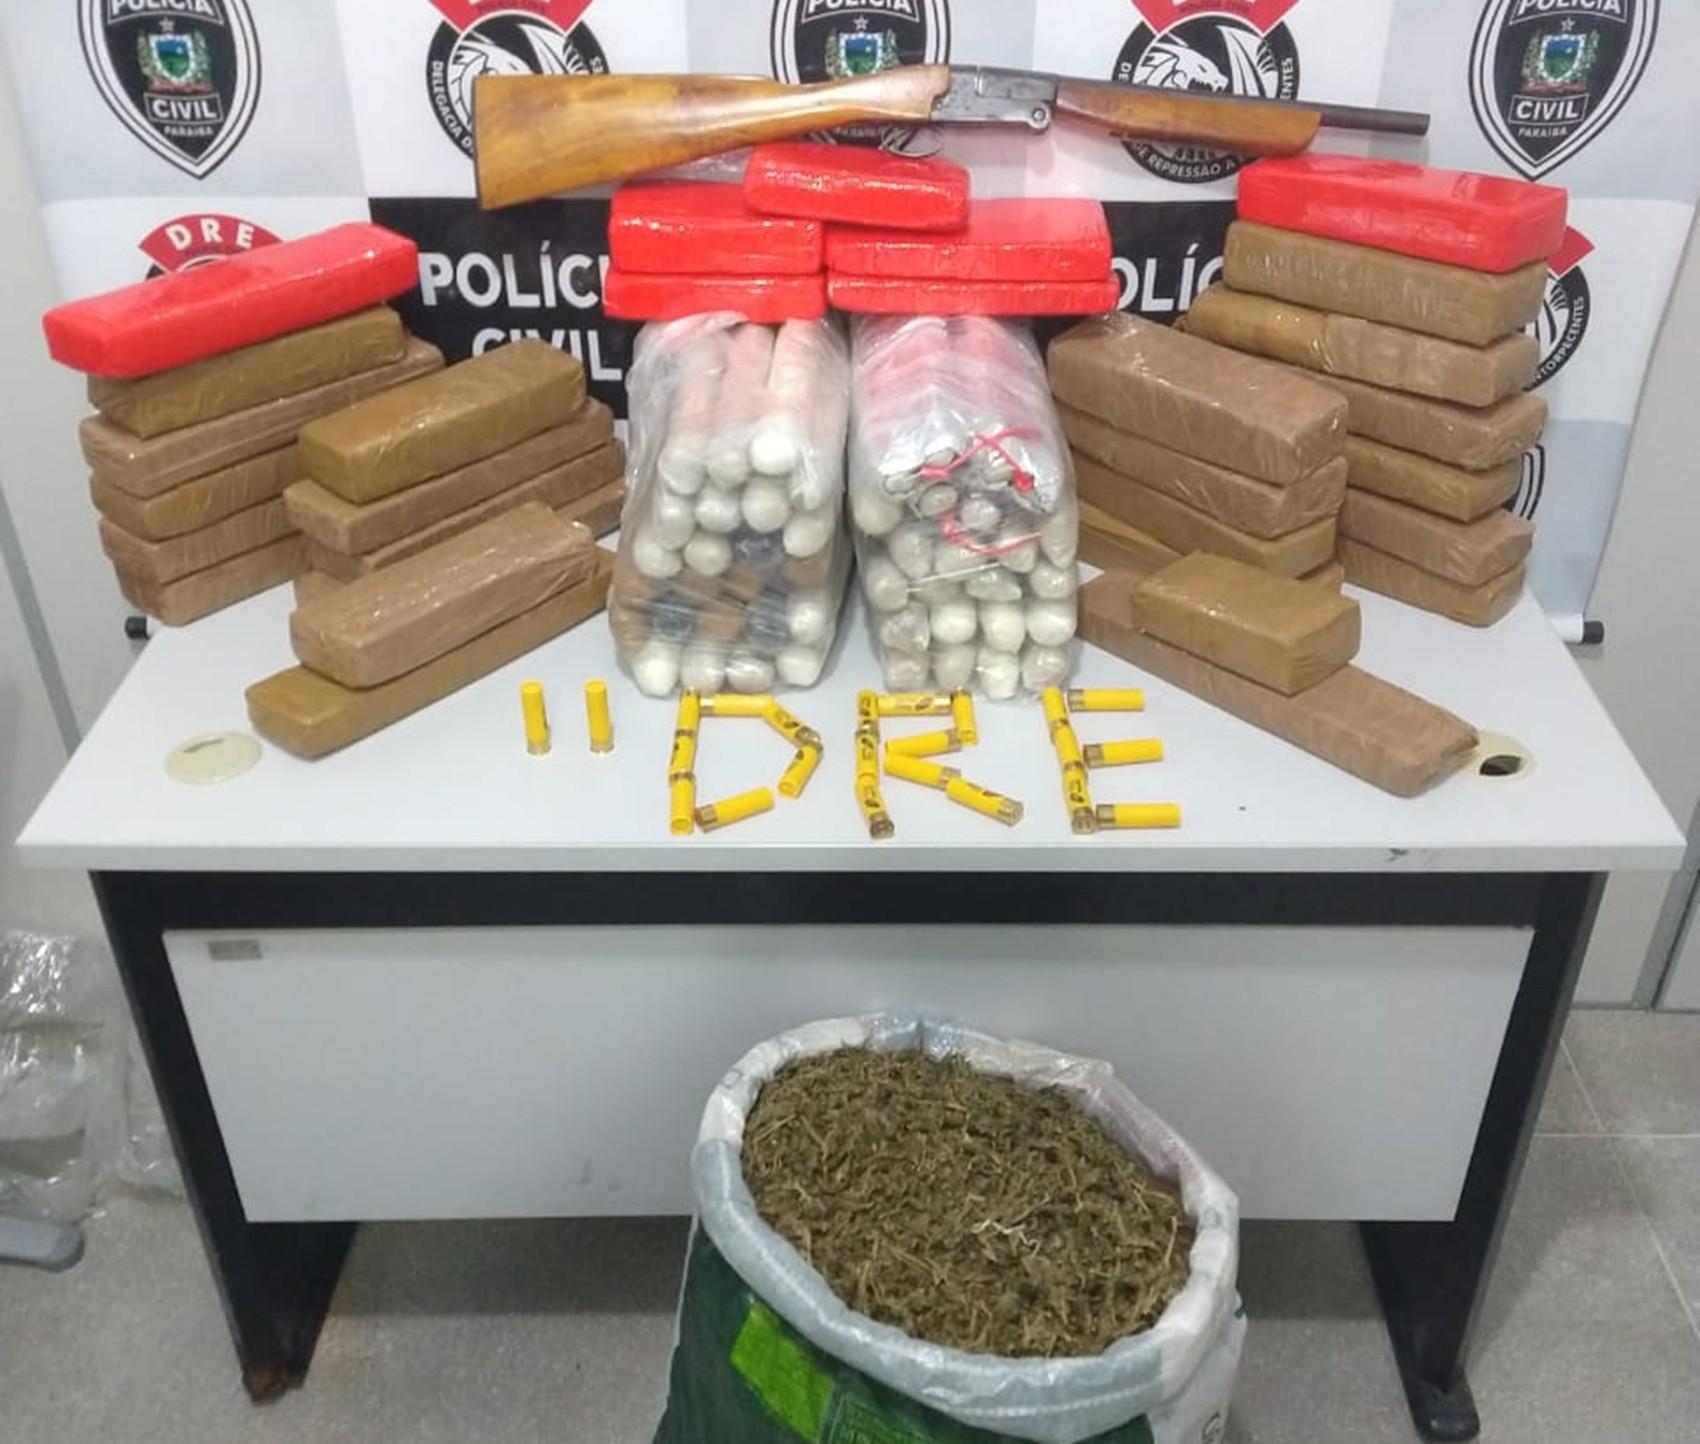 Polícia encontra 65 kg de maconha e cocaína, armas e explosivos em depósito de Campina Grande - Notícias - Plantão Diário